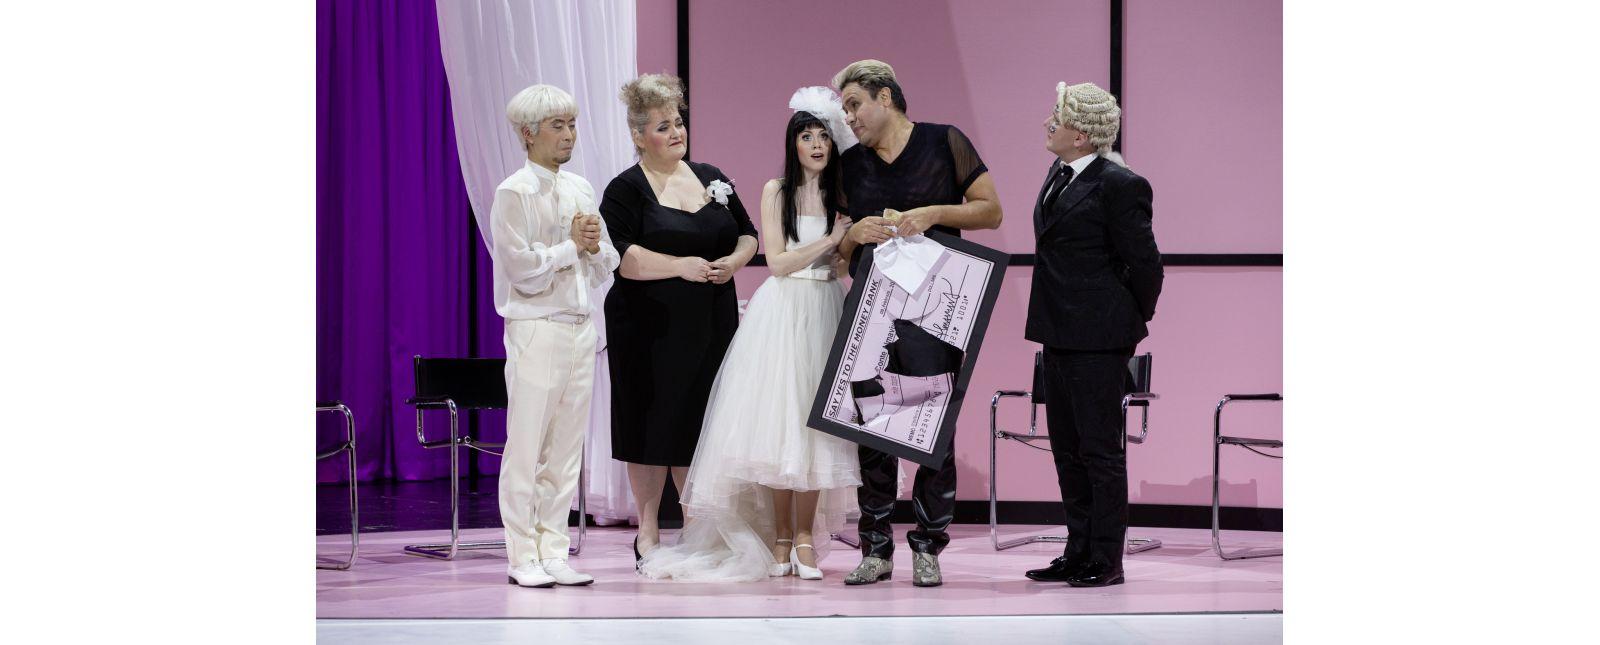 Die Hochzeit des Figaro // Jin Seok Lee / Anja Jung / Samantha Gaul / Juan Orozco / Lukáš Šimonov // 2020 // Rainer Muranyi